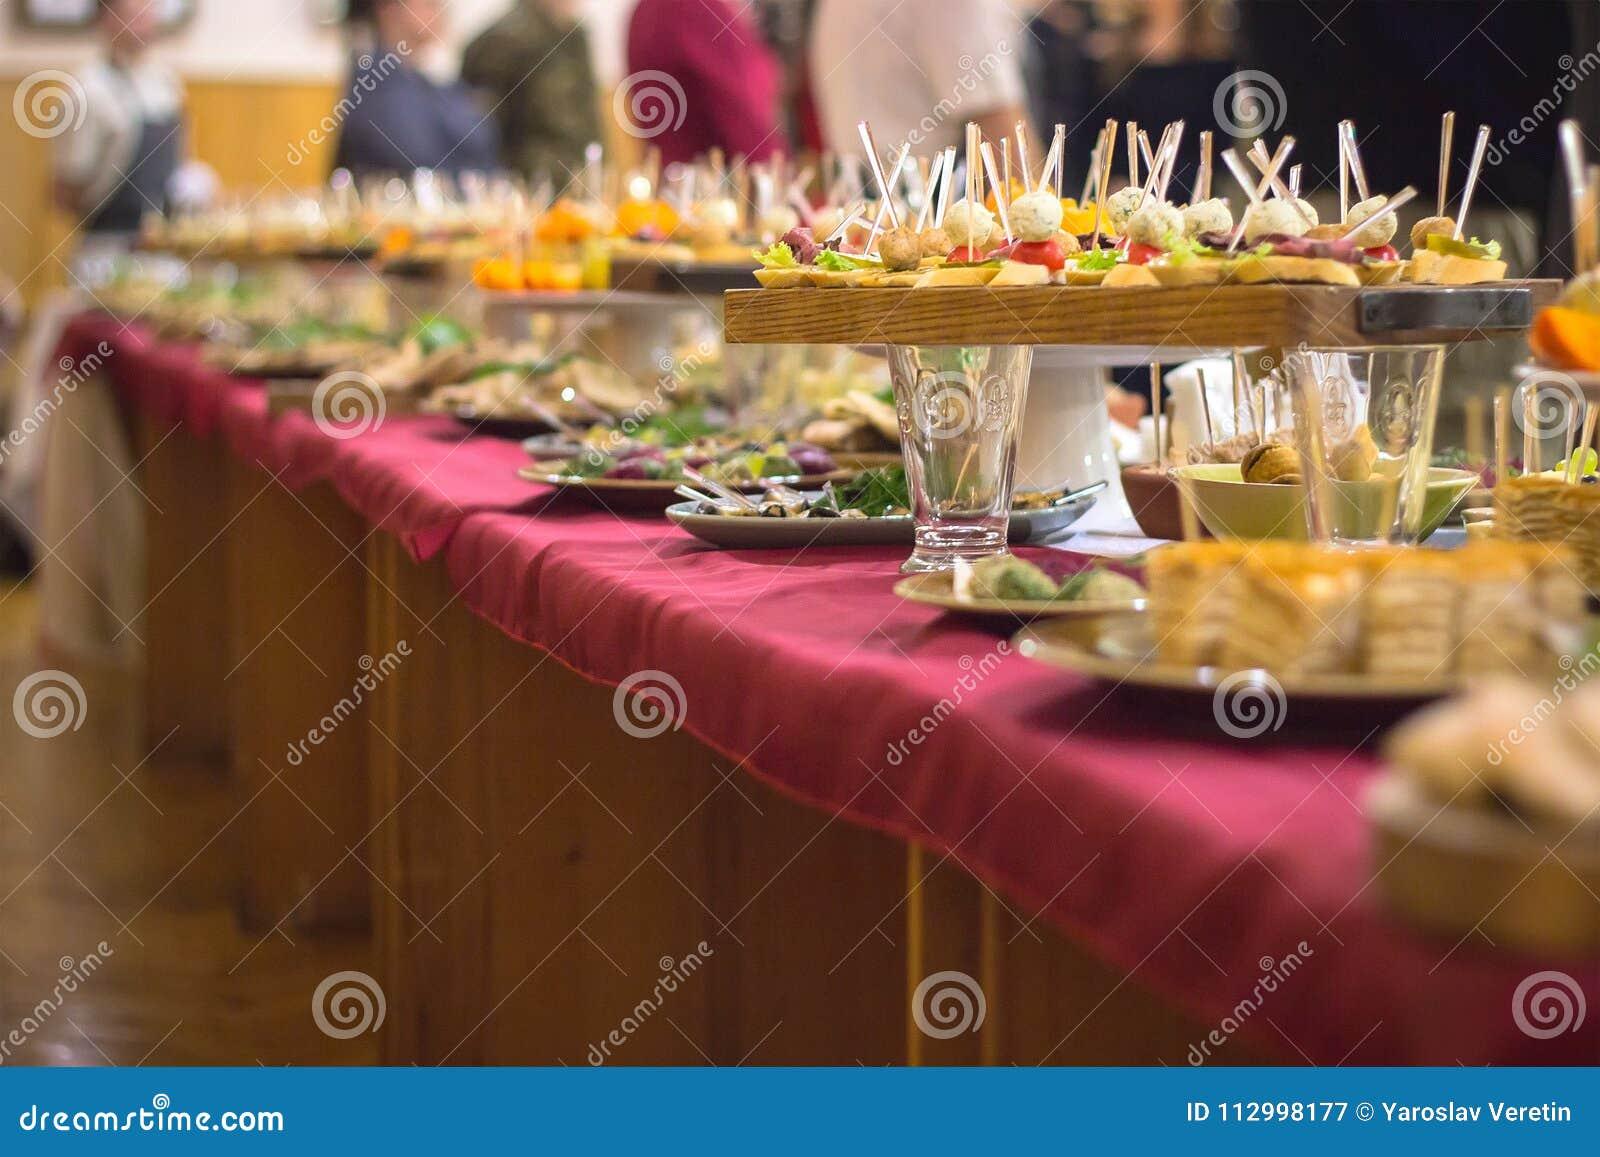 Lebensmittel-Buffet-Verpflegung, die Essenpartei-Konzept speist